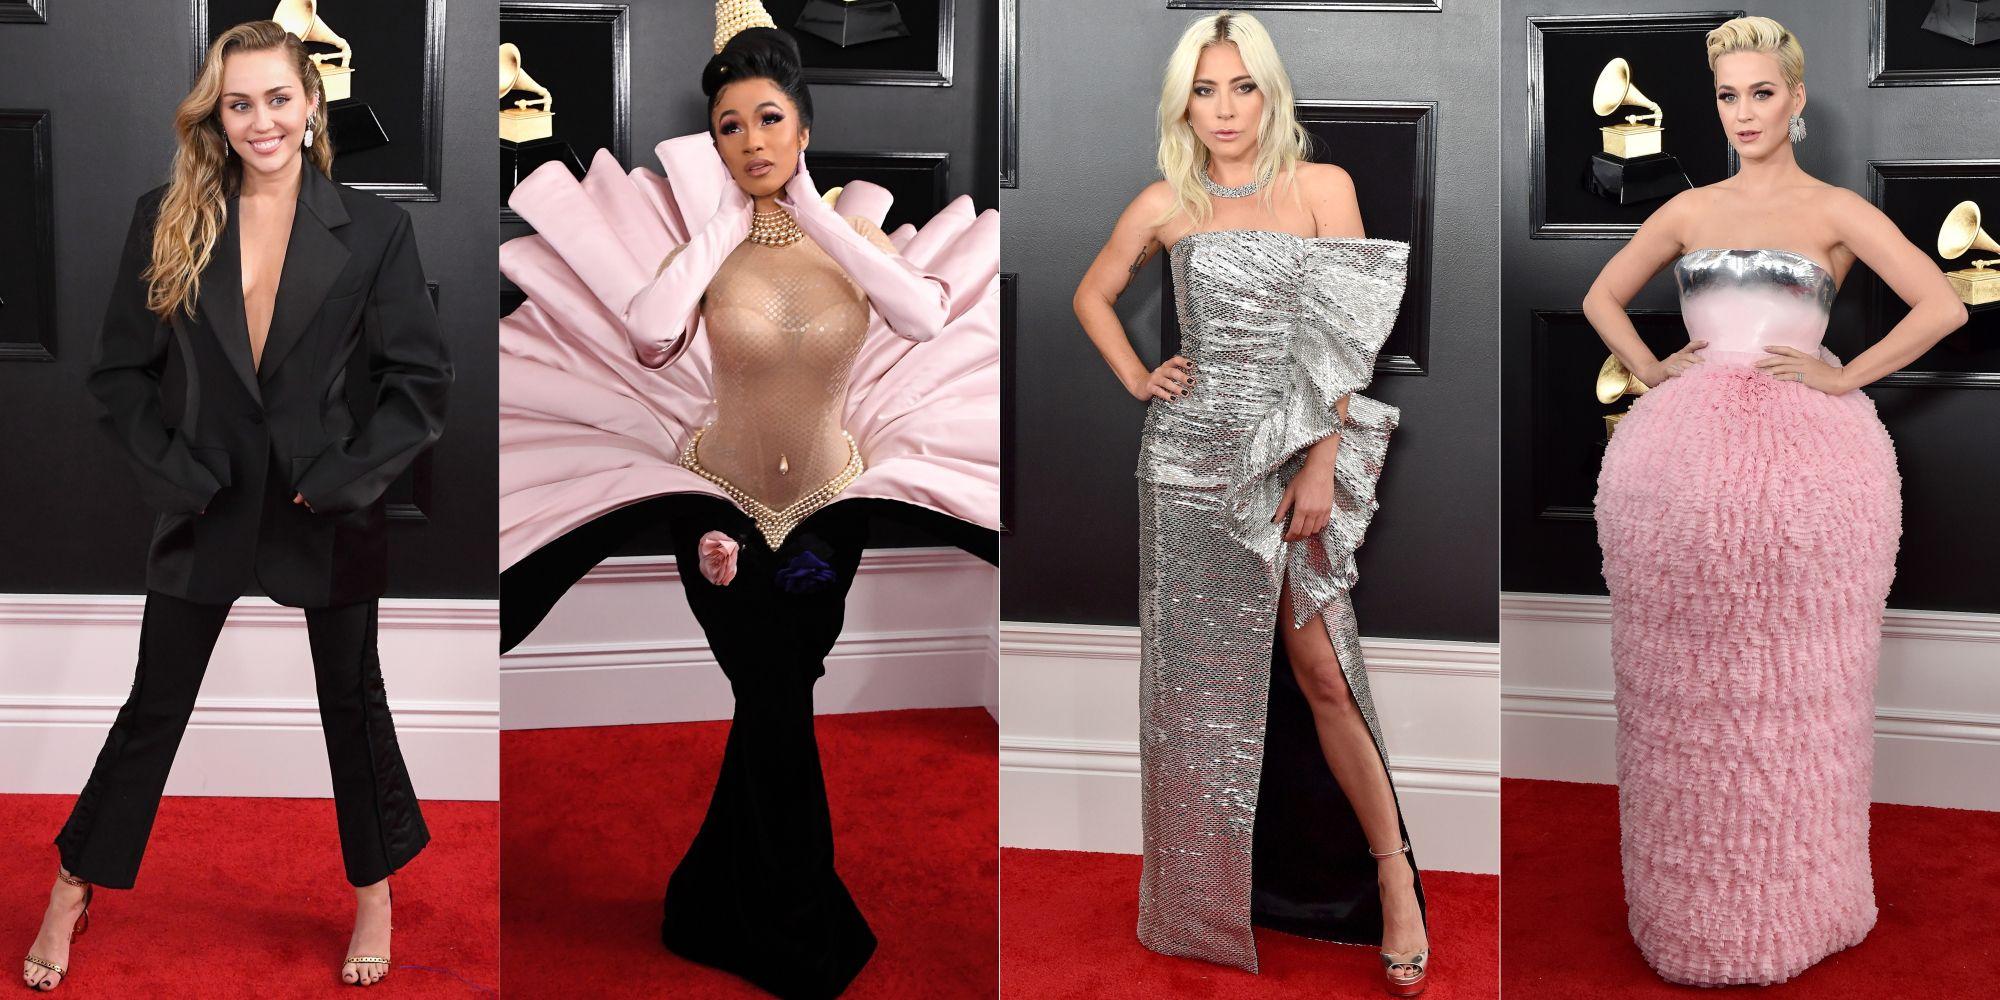 2019葛萊美紅毯造型「怪美的」!女神卡卡、凱蒂佩芮、Cardi B…女星搶鏡背後都有故事啊